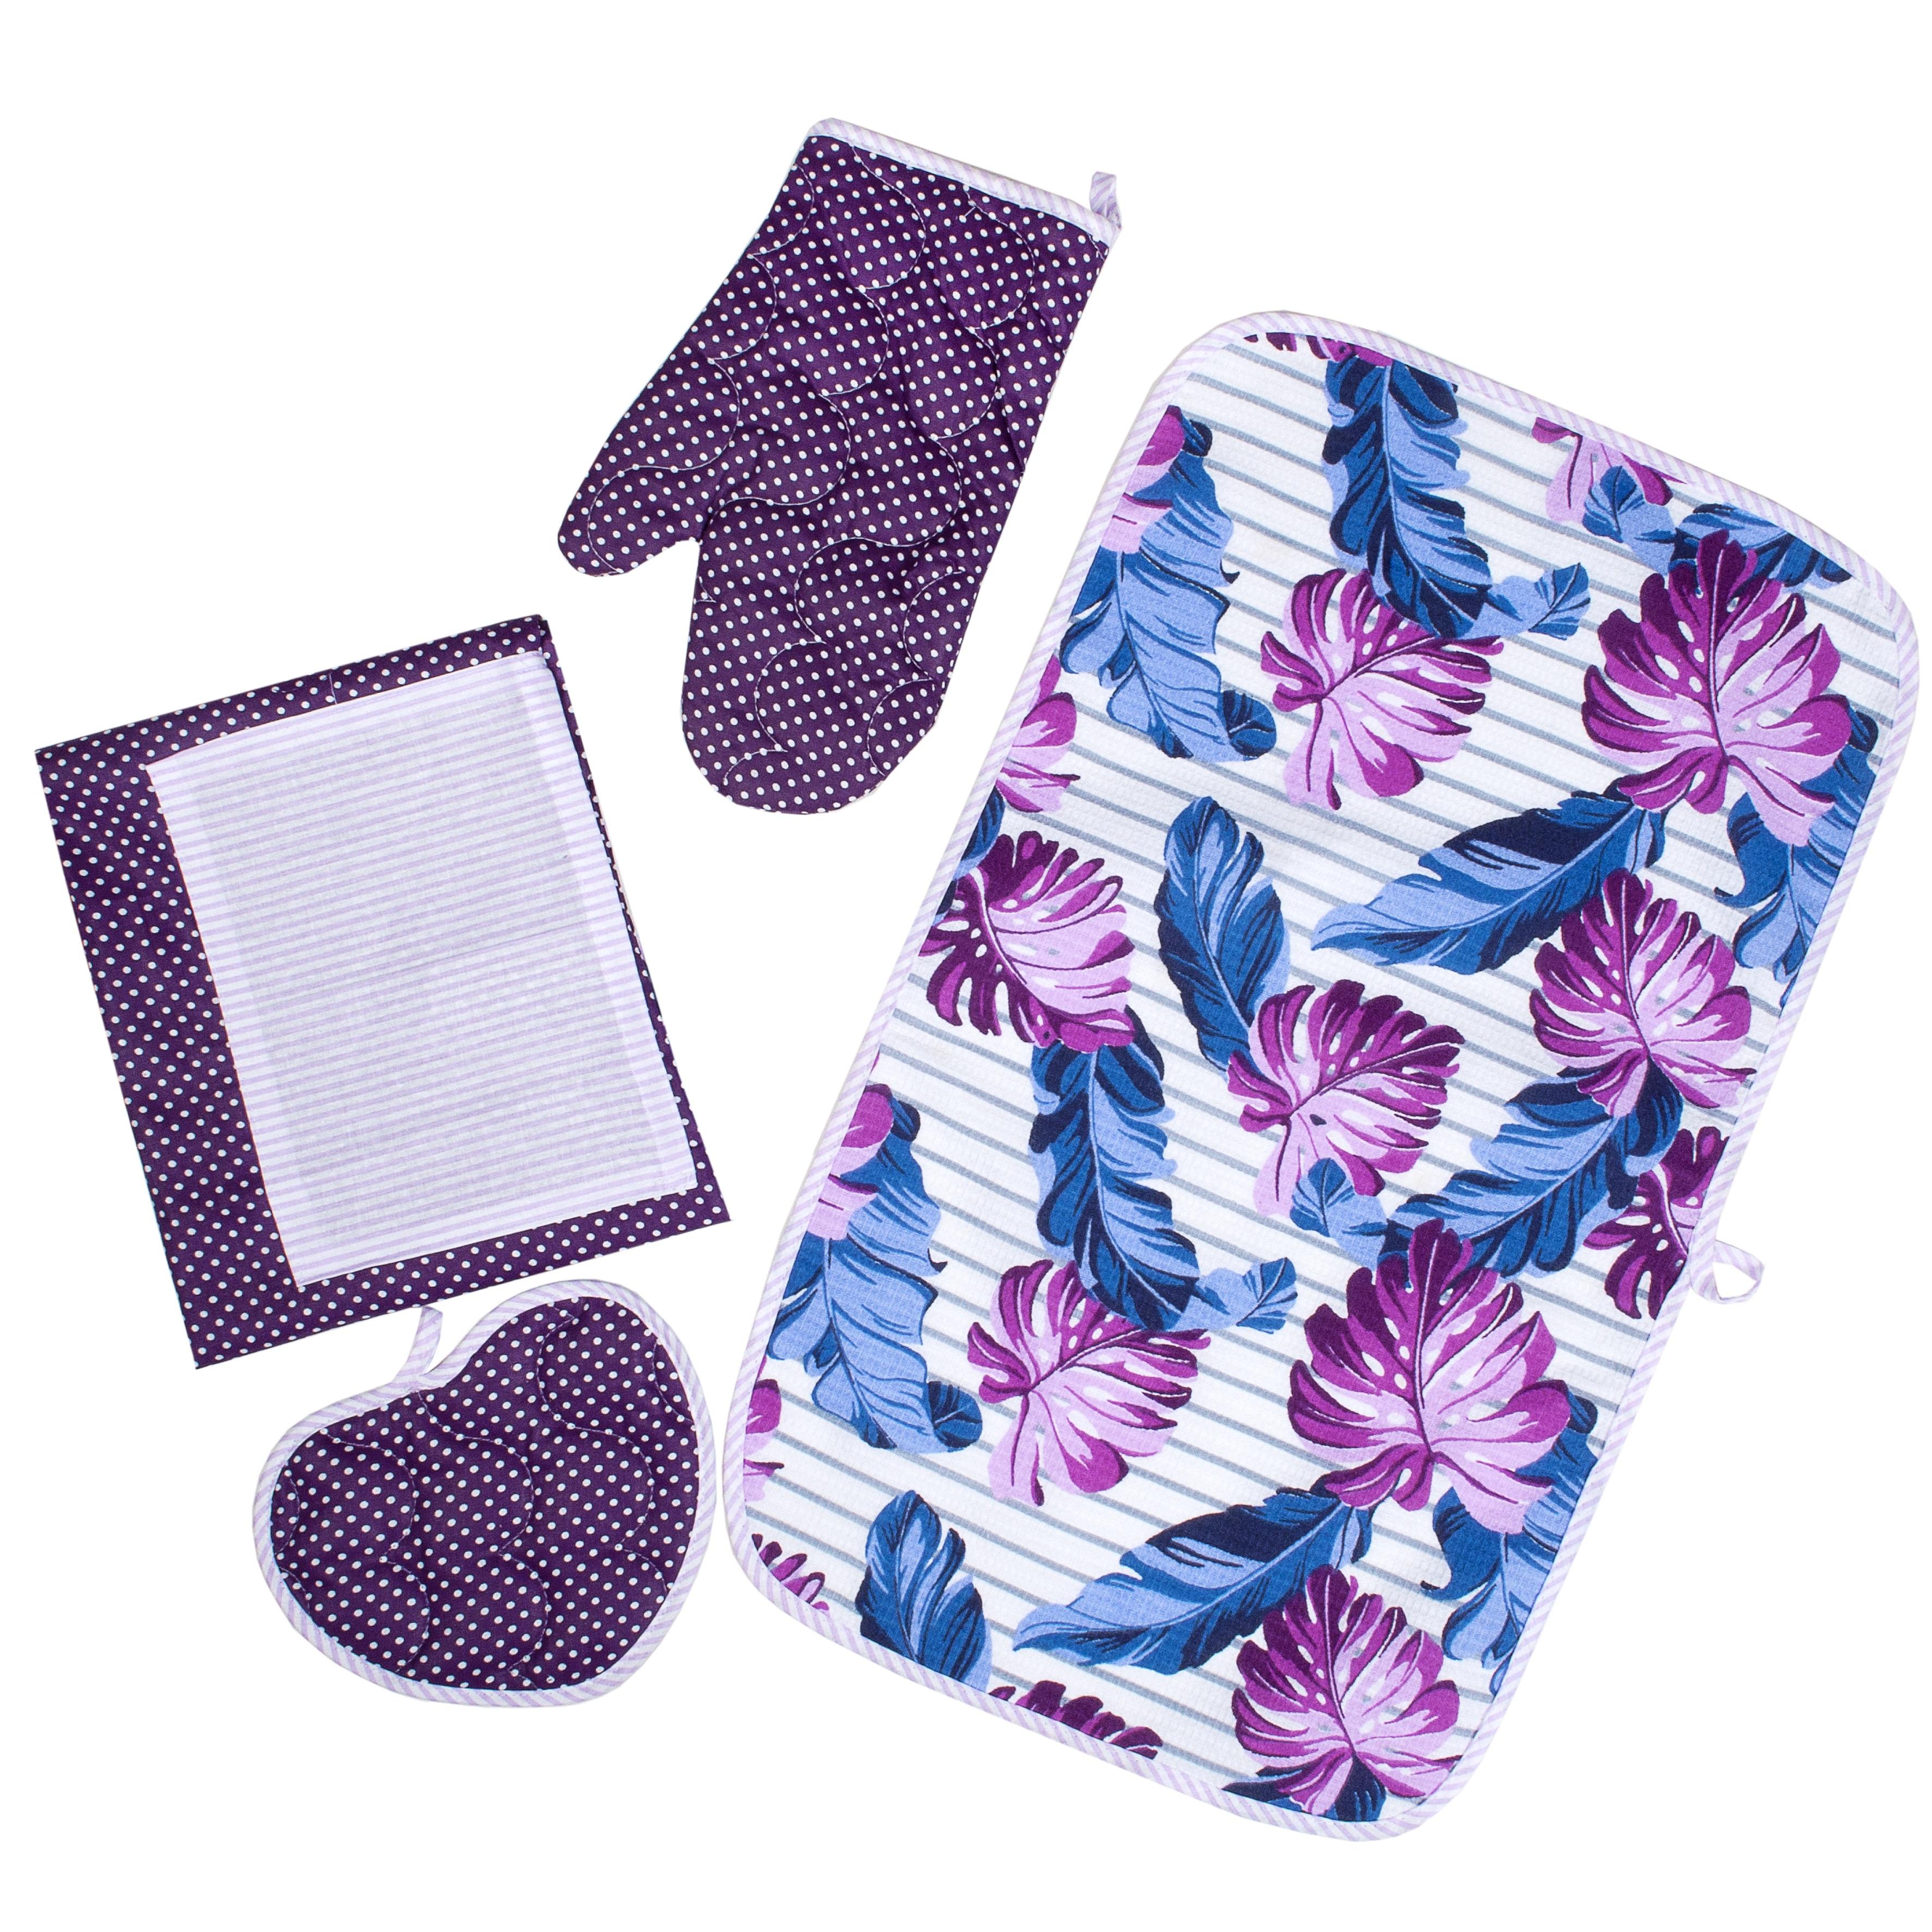 Комплект для кухни ТК Традиция 4 предмета, фиолетовый, белый4187/ФиолетовыйНабор для кухни Весеннее ретро из 4-х предметов, выполнен из 100 % хлопка. Изделия практичны и просты в уходе. В состав набора входит: изделия из бязи пл. 125 гр./кв.м.: фартук 55*70 - 1 шт.; стеганая рукавичка- прихватка 30х17 - 1 шт., прихватка-сердце 16х20 см - 1 шт.; изделия из вафельного полотна пл. 165 гр./кв.м.: полотенце с окантовкой 35х60 см - 1 шт. Бязь - хлопчатобумажная плотная ткань, обладает износостойкостью, низкой сминаемостью. Вафельное полотно отличается высокой впитываемостью и износоустойчивостью. Пошив в строгом соответствии с ГОСТ. Упаковка - пакет с еврослотом.